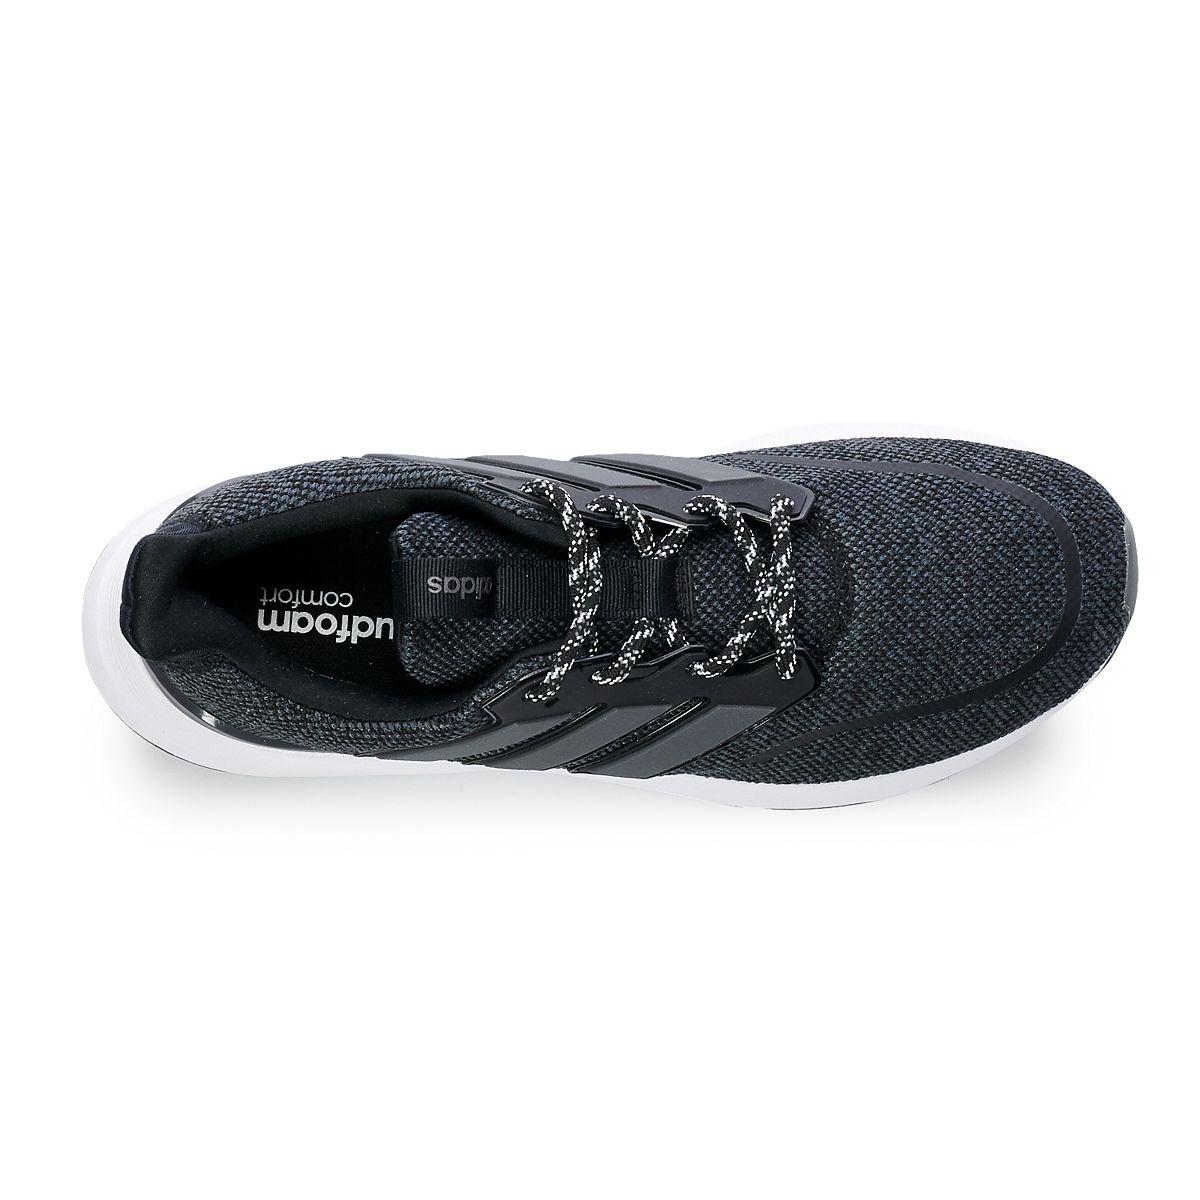 adidas Energy Falcon Men's Sneakers Black White 273Io